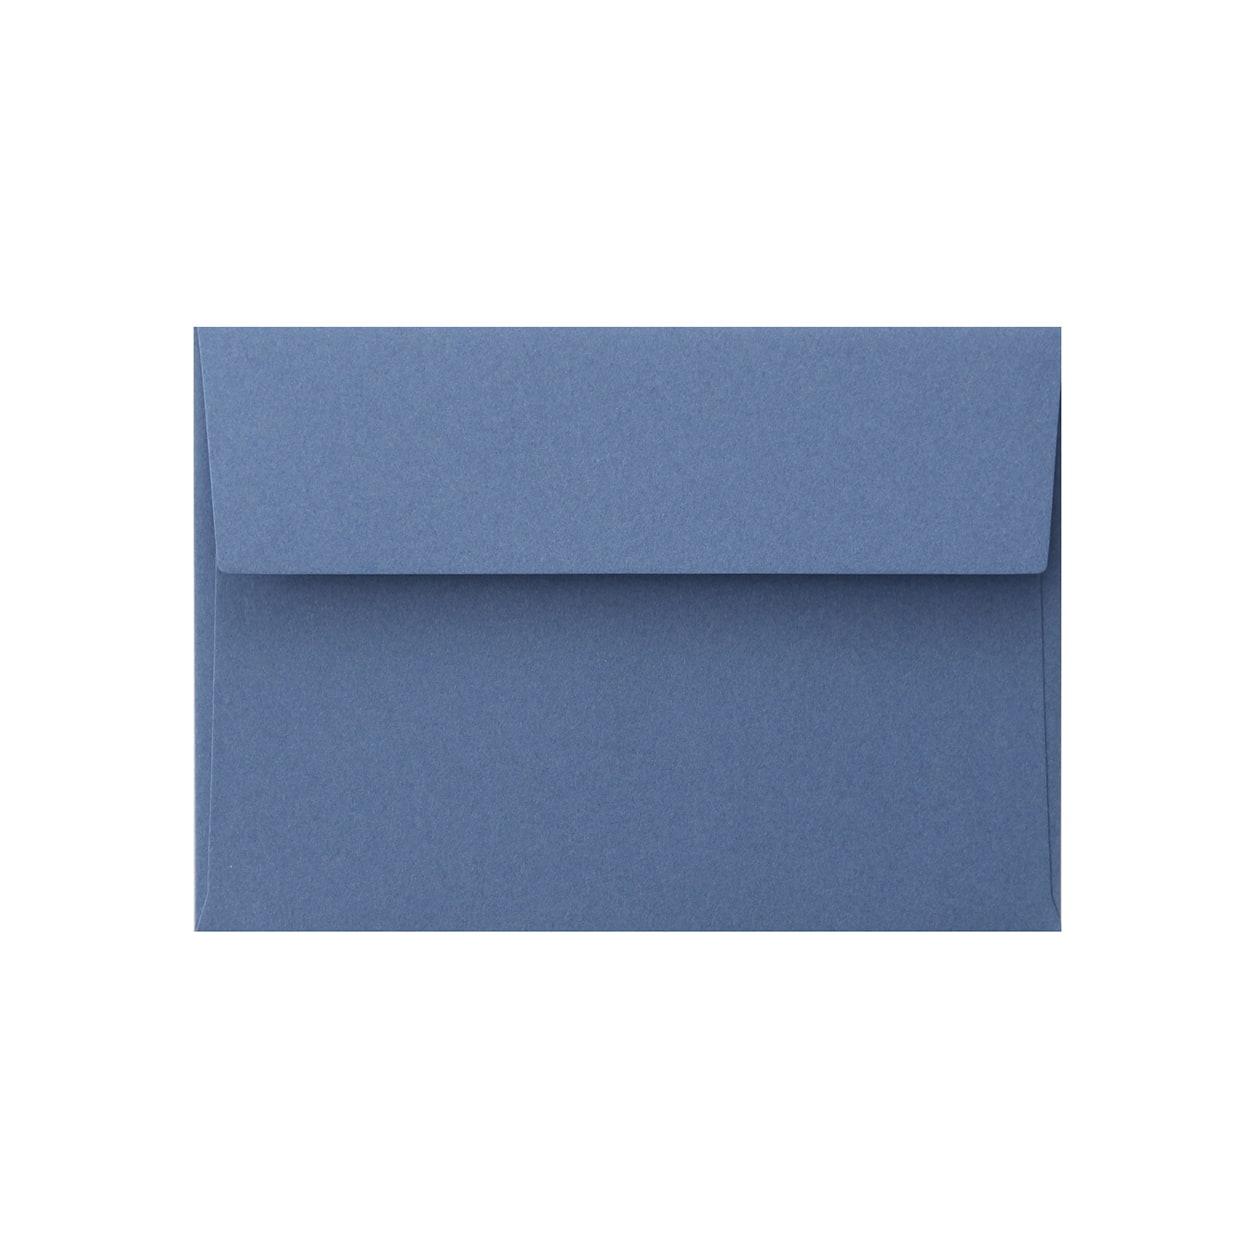 洋2カマス封筒 コットン(NTラシャ) 群青 116.3g